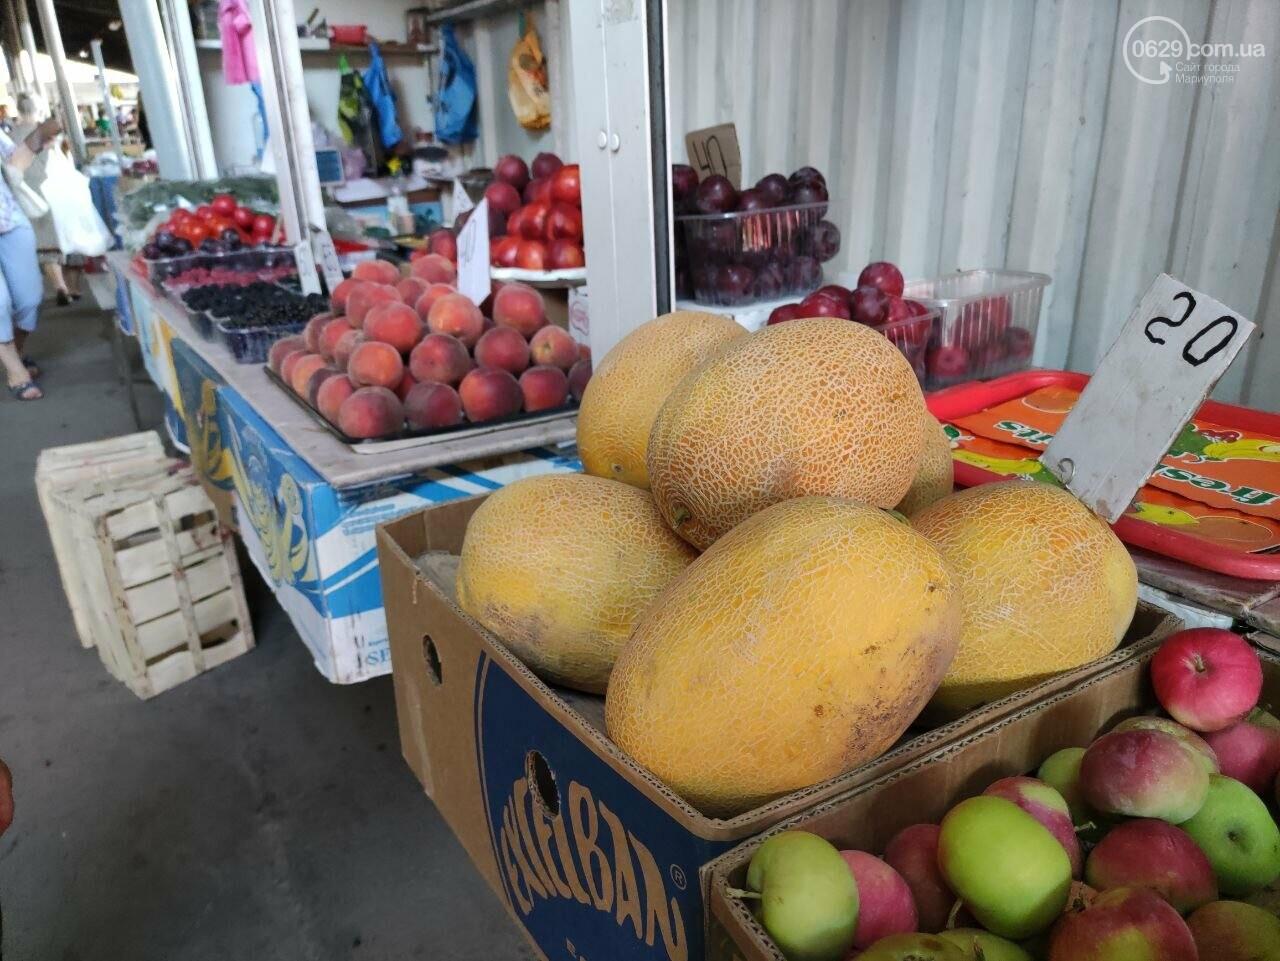 Проверка на нитраты в Мариуполе: опасные дыни в супермаркете и злые продавцы на рынке, - ФОТО, ВИДЕО, фото-21